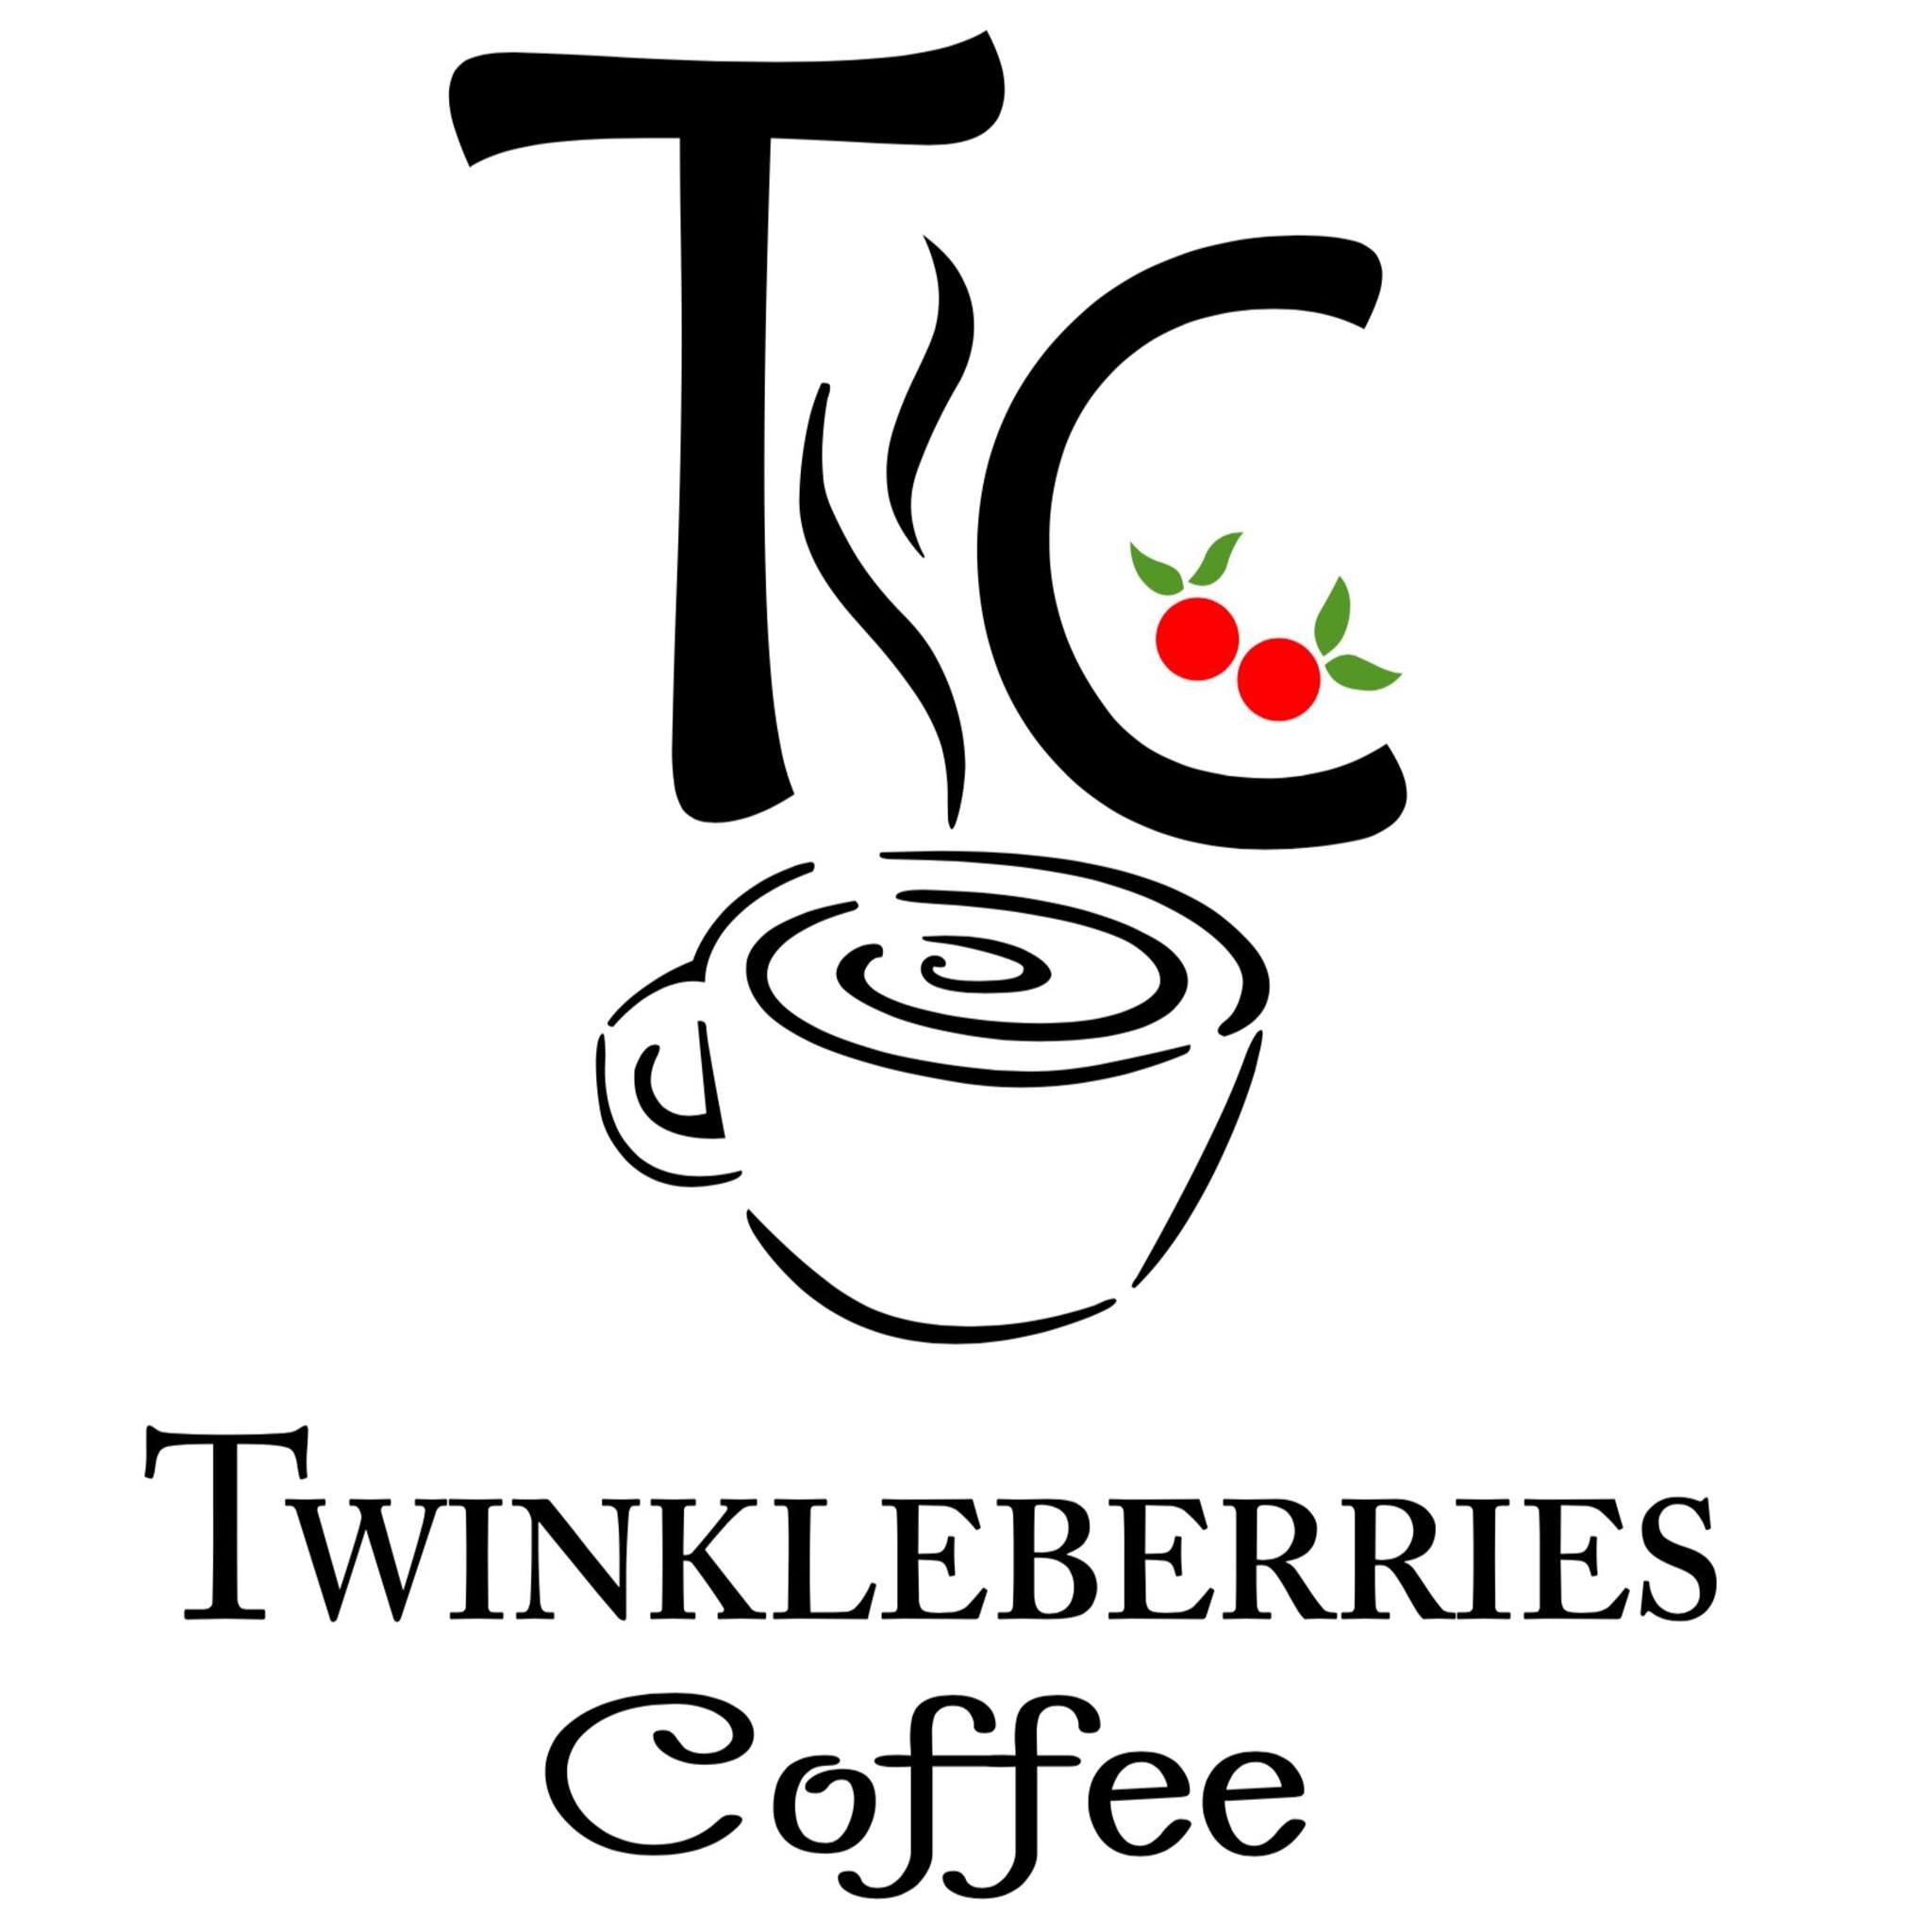 twinkleberries.jpg